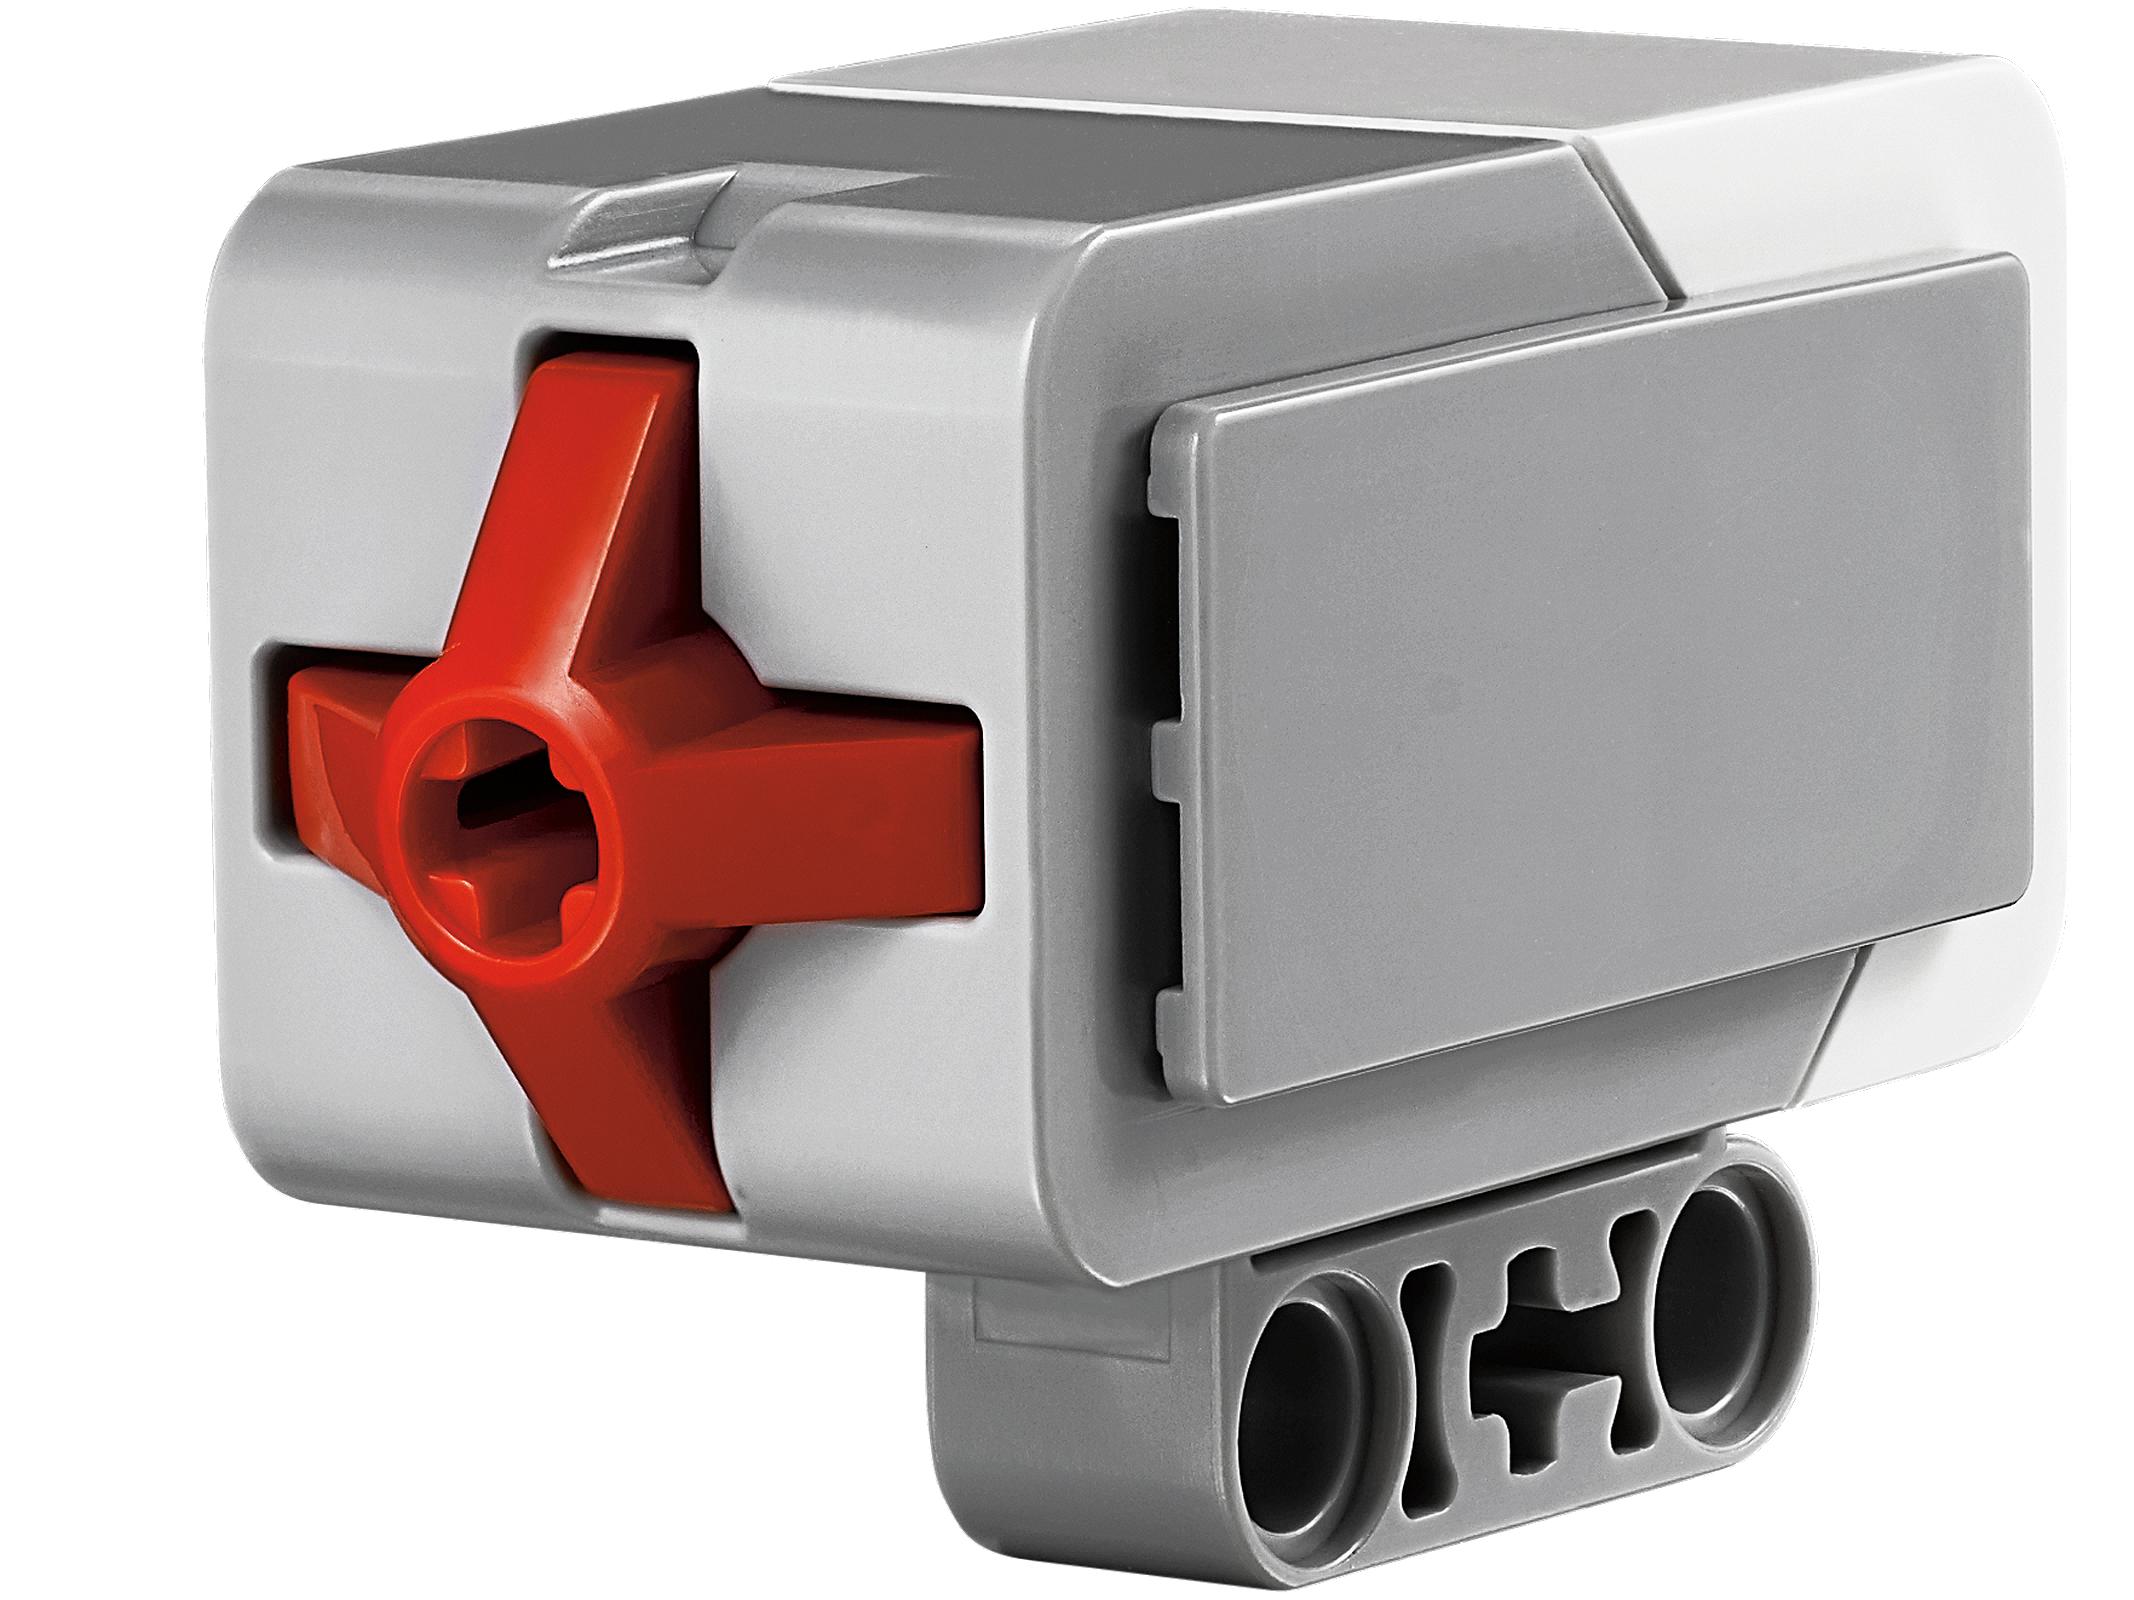 Купить датчик касания для ЛЕГО Робота EV3